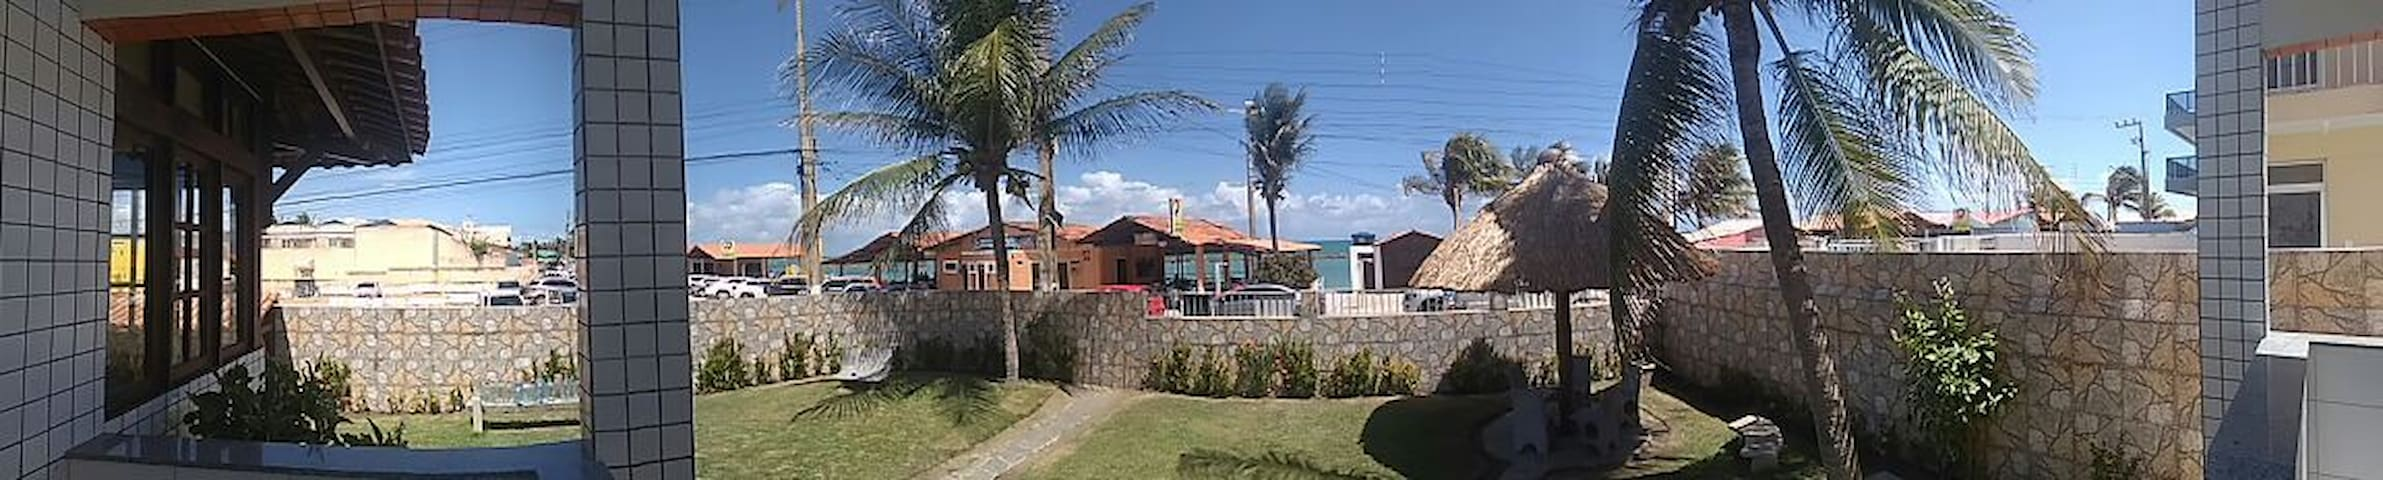 Apartamento em frente ao mar na Barra - Barra de São Miguel - Apartamento